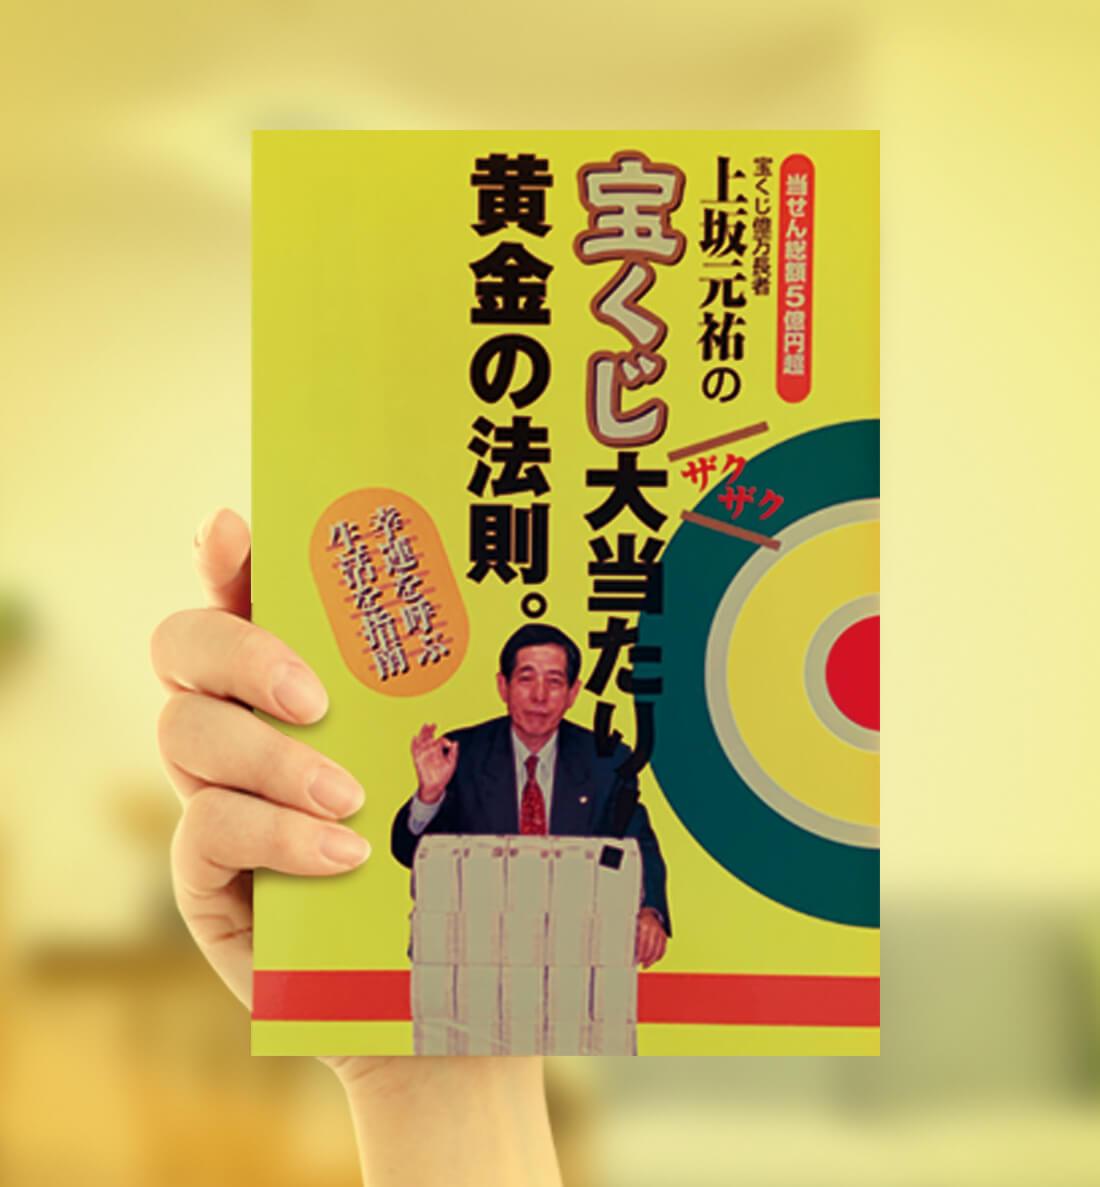 上坂さんの本